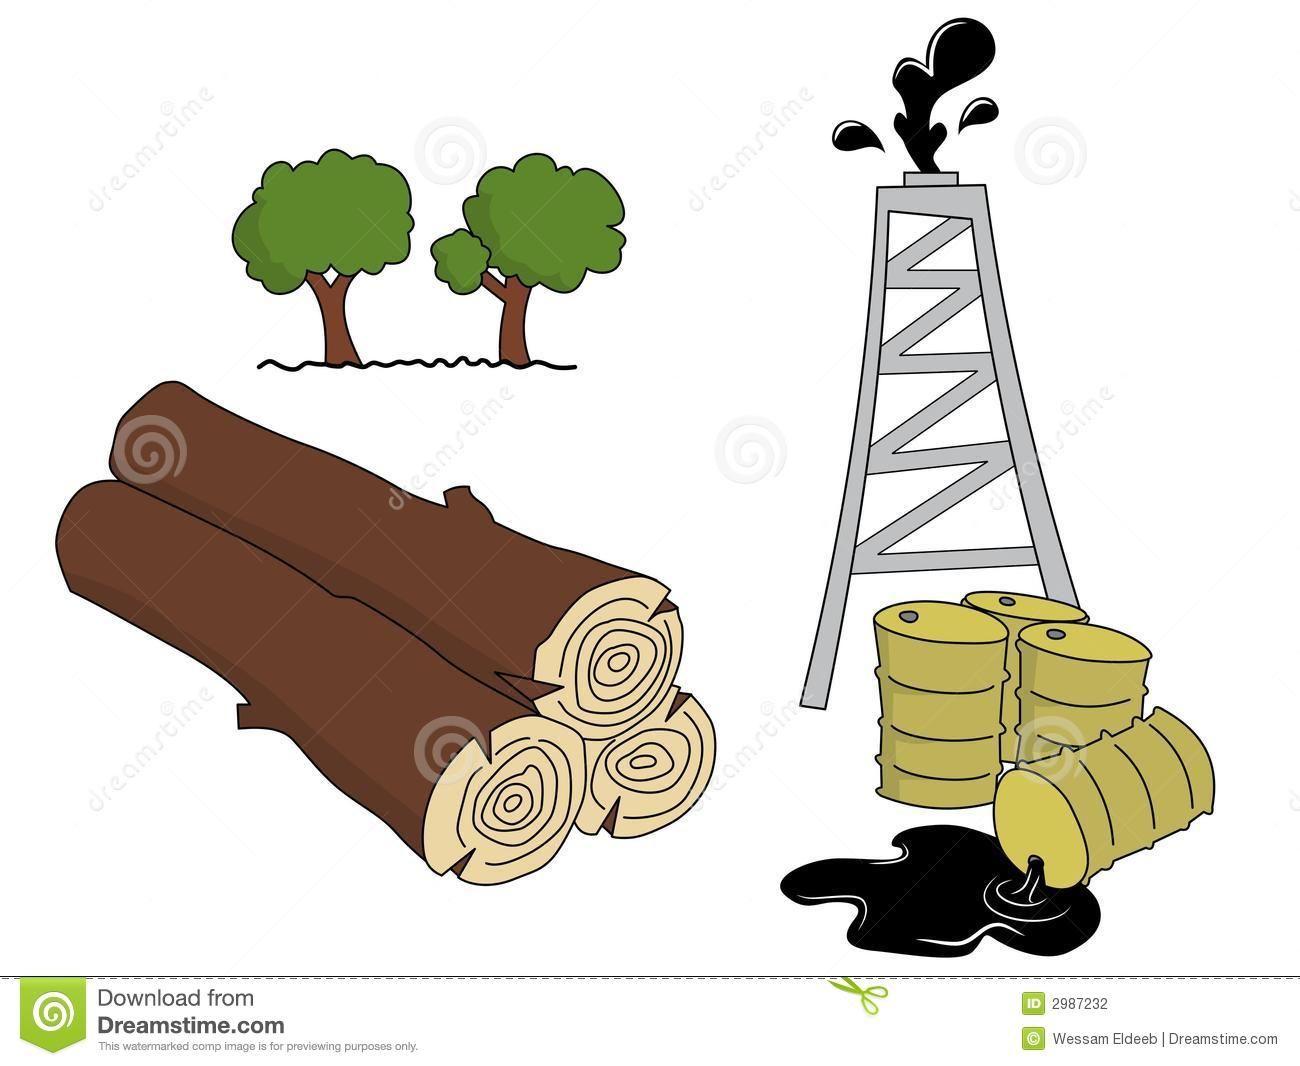 Recursos Naturales 2987232 Jpg 1300 1066 Natural Resources Nonrenewable Resources Types Of Natural Resources